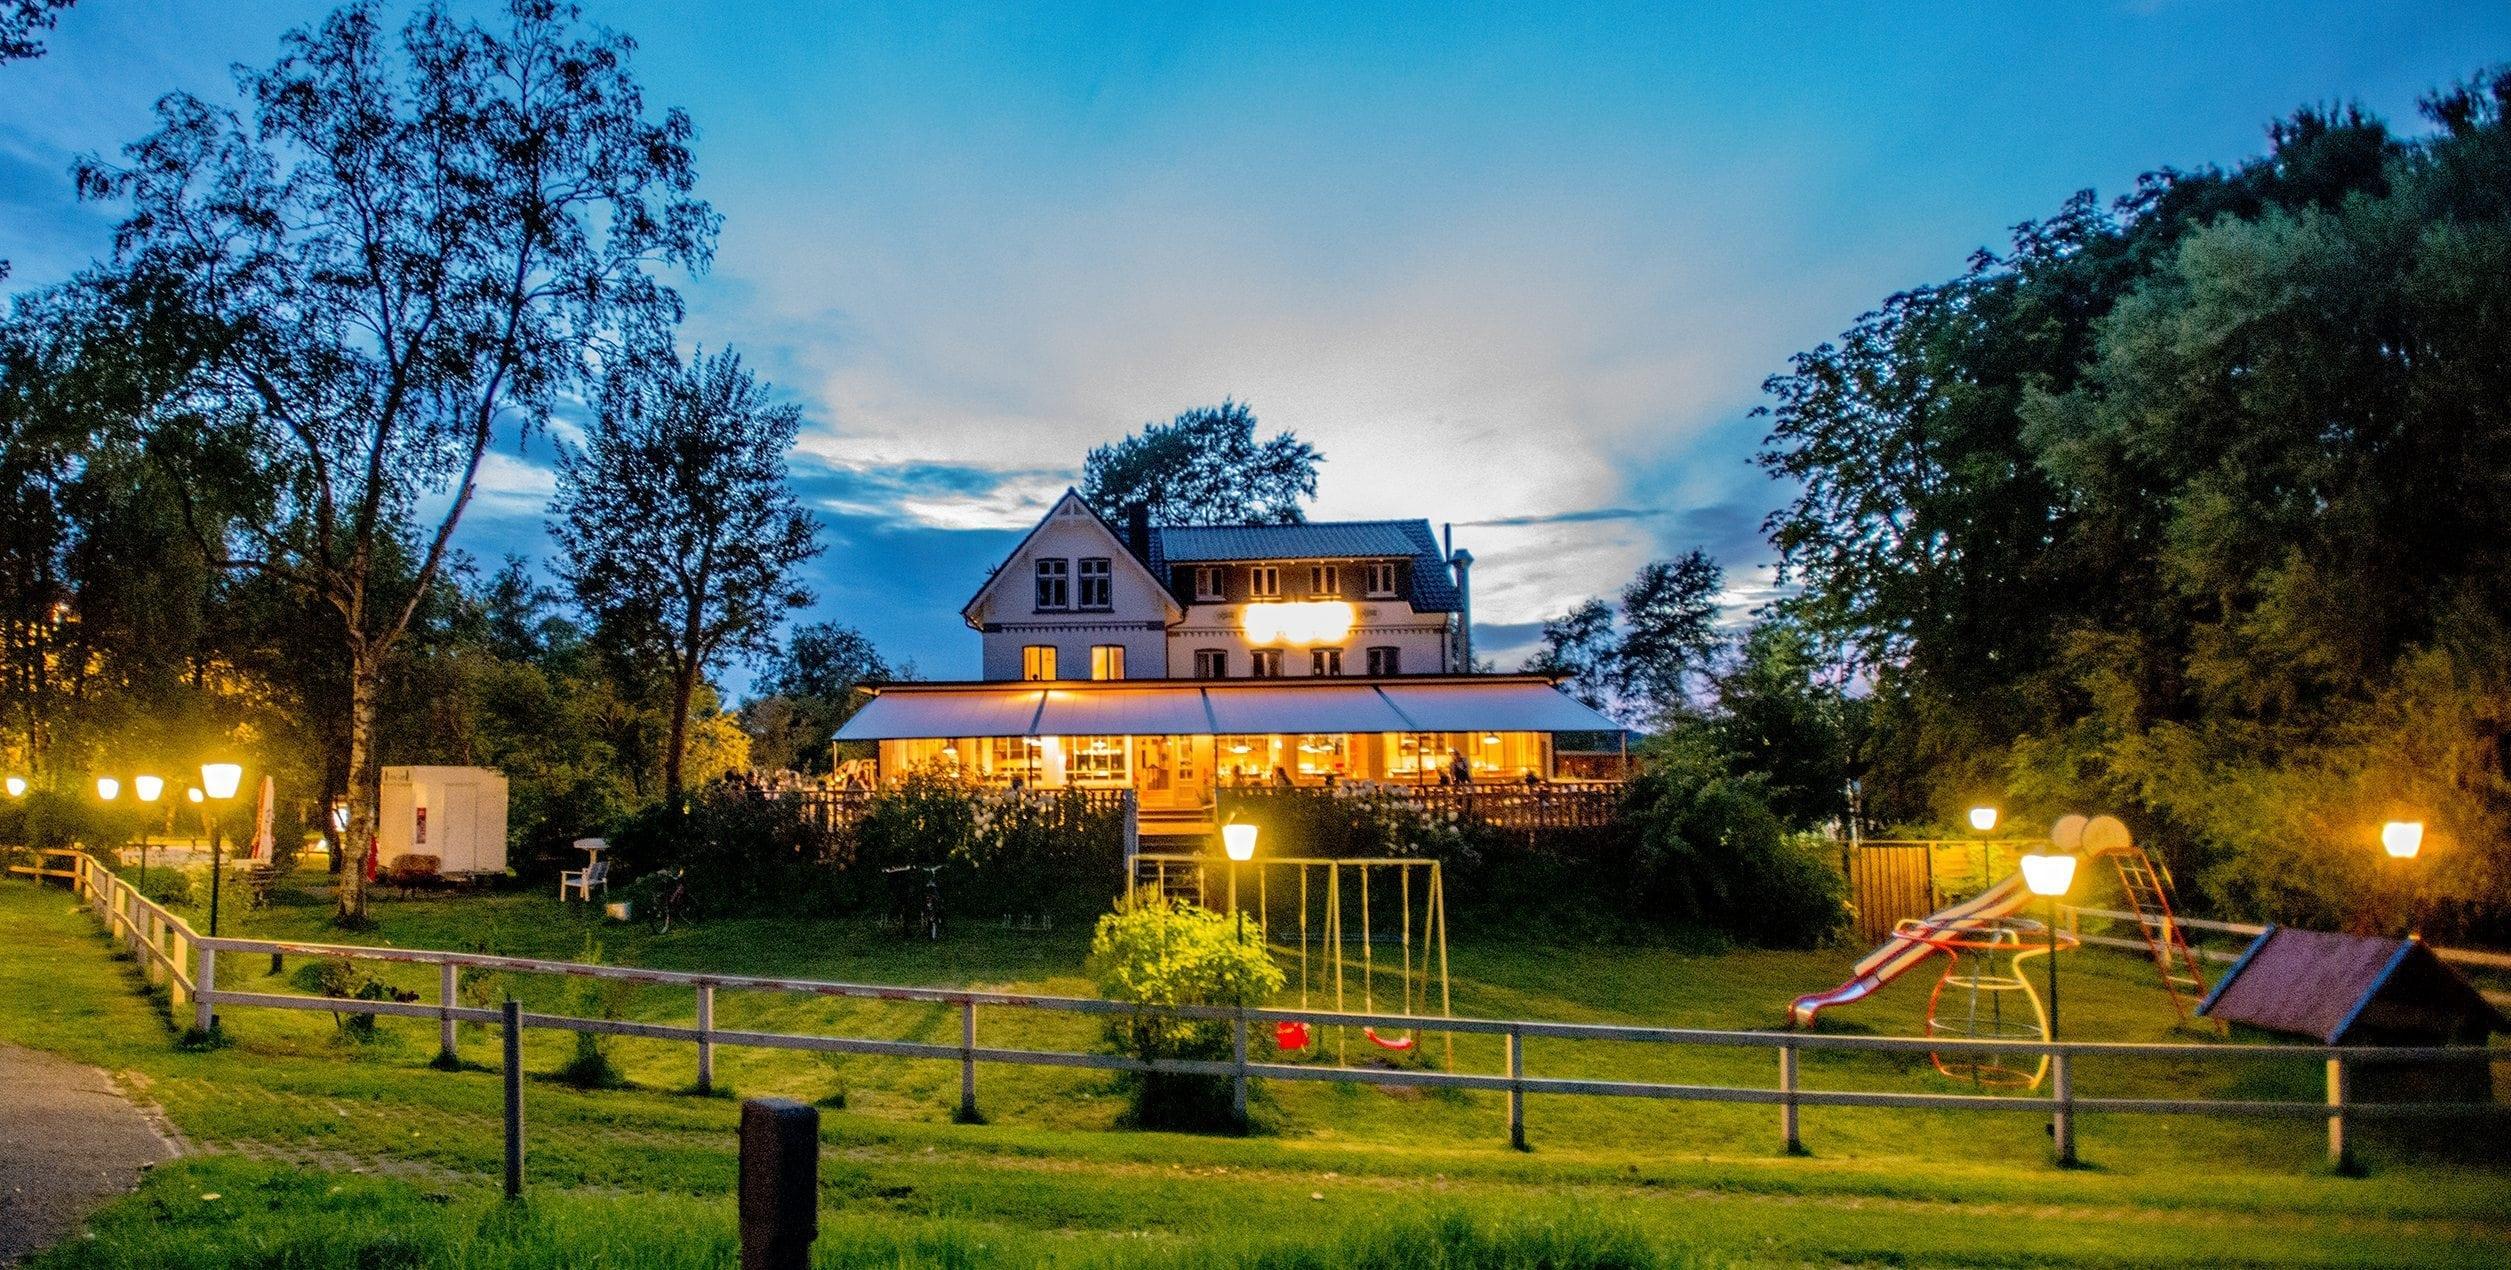 Restaurant Burger Fährhaus, Cafe, Ausflugsziel, Naherholung, Hotel, Nord-Ost-See-Kanal